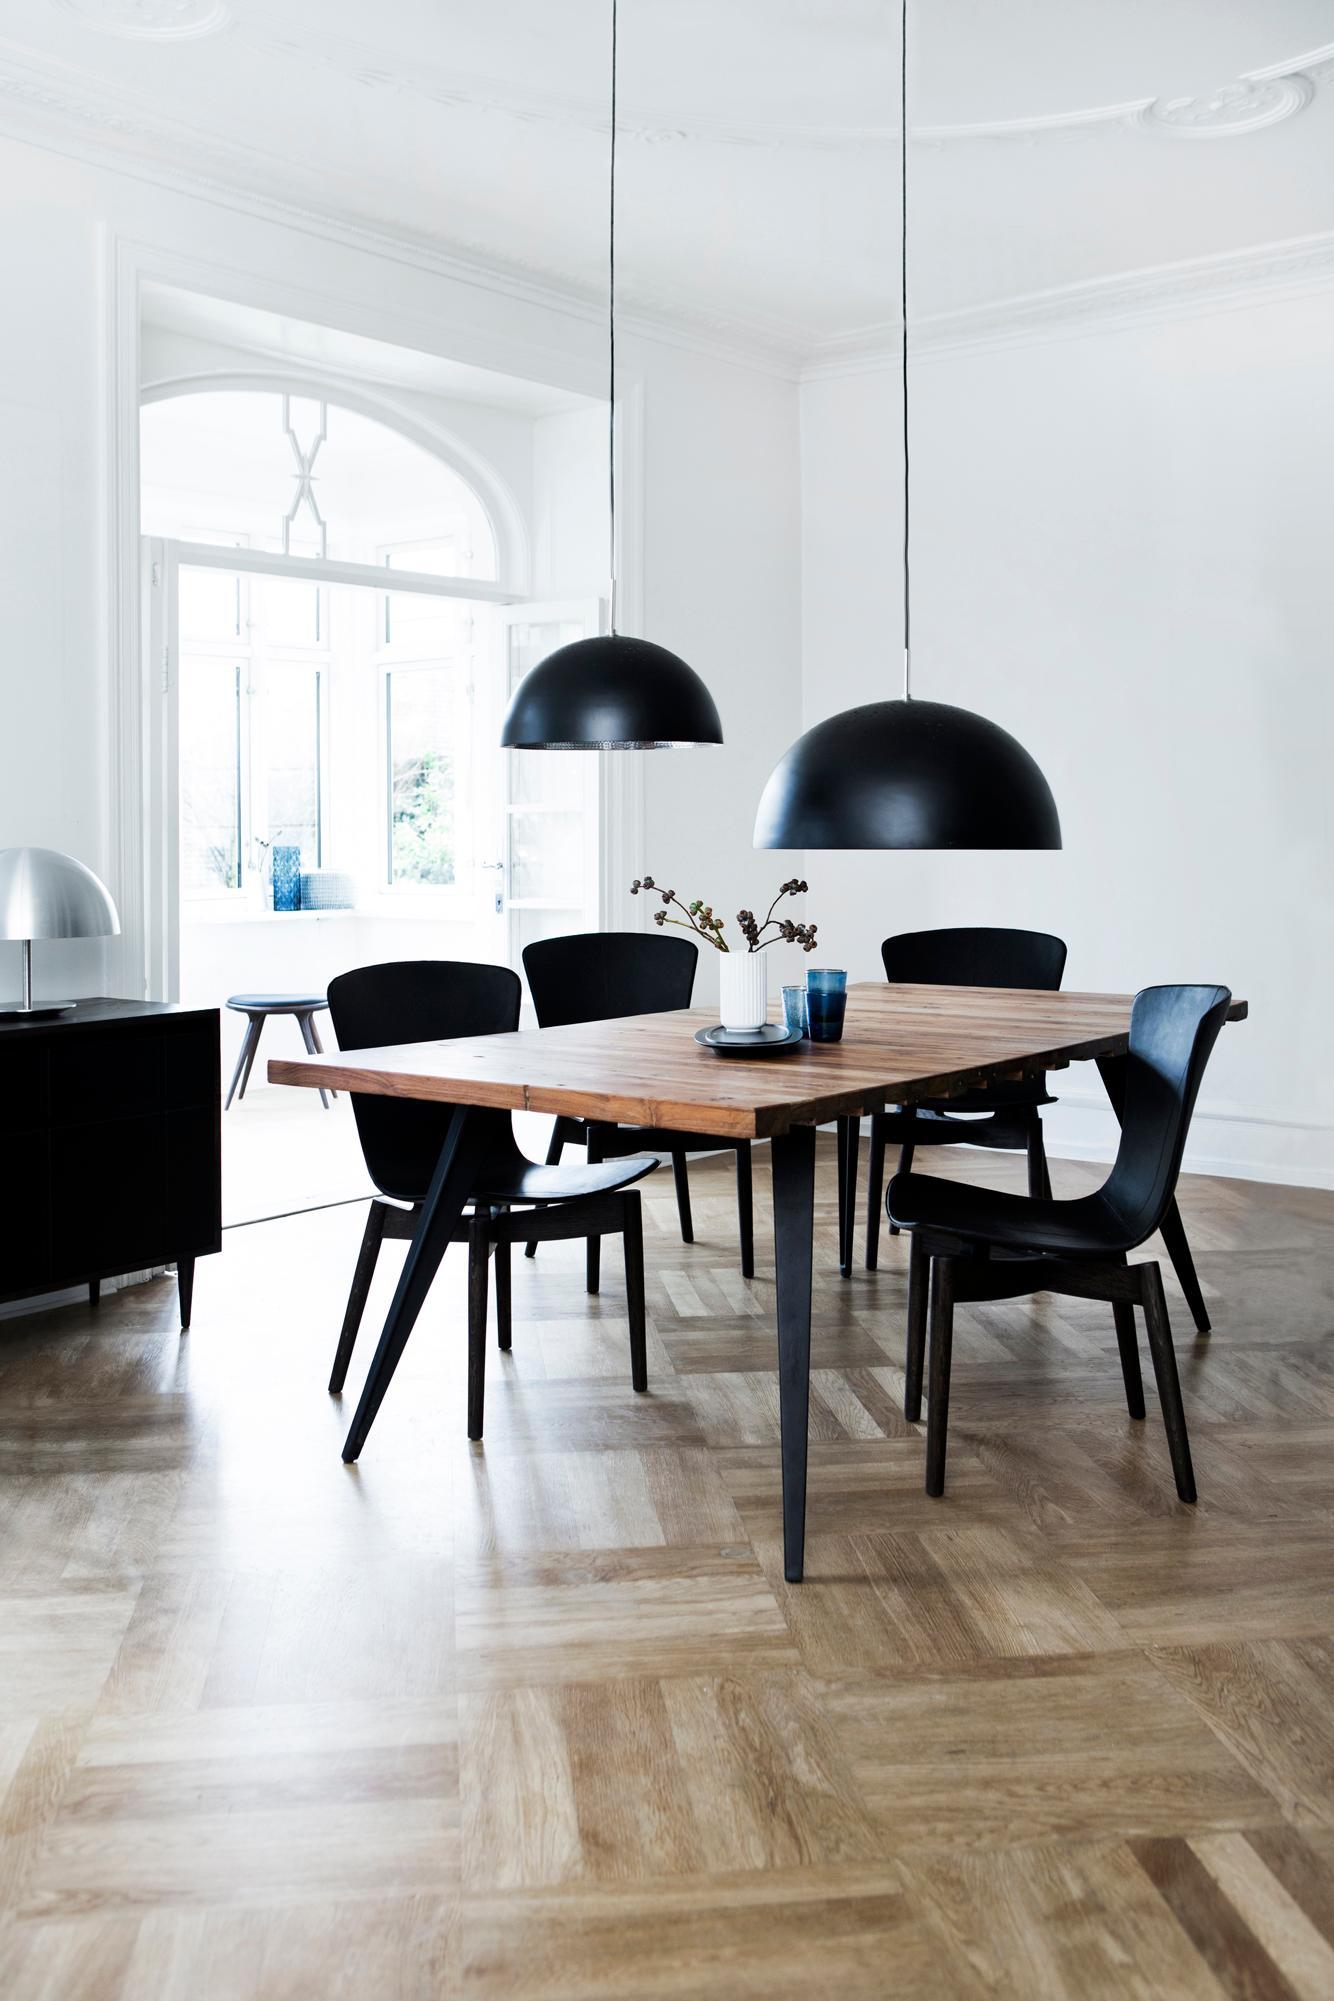 Modernes Esszimmer Mit Schwarzen Akzenten #stuhl #wohnzimmer #sideboard  ©Mater